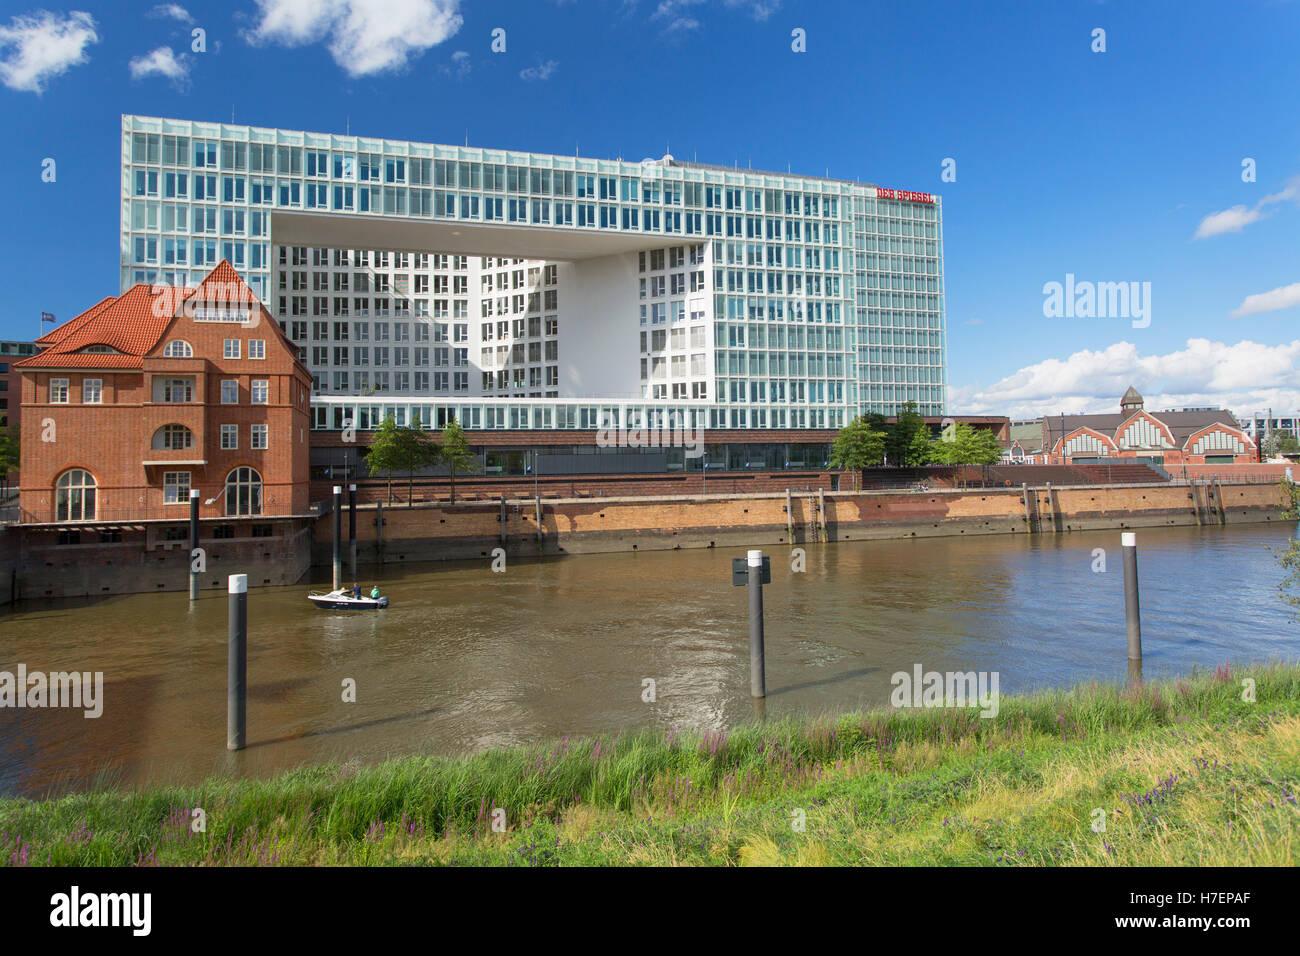 Der Spiegel building, HafenCity, Hamburg, Germany - Stock Image